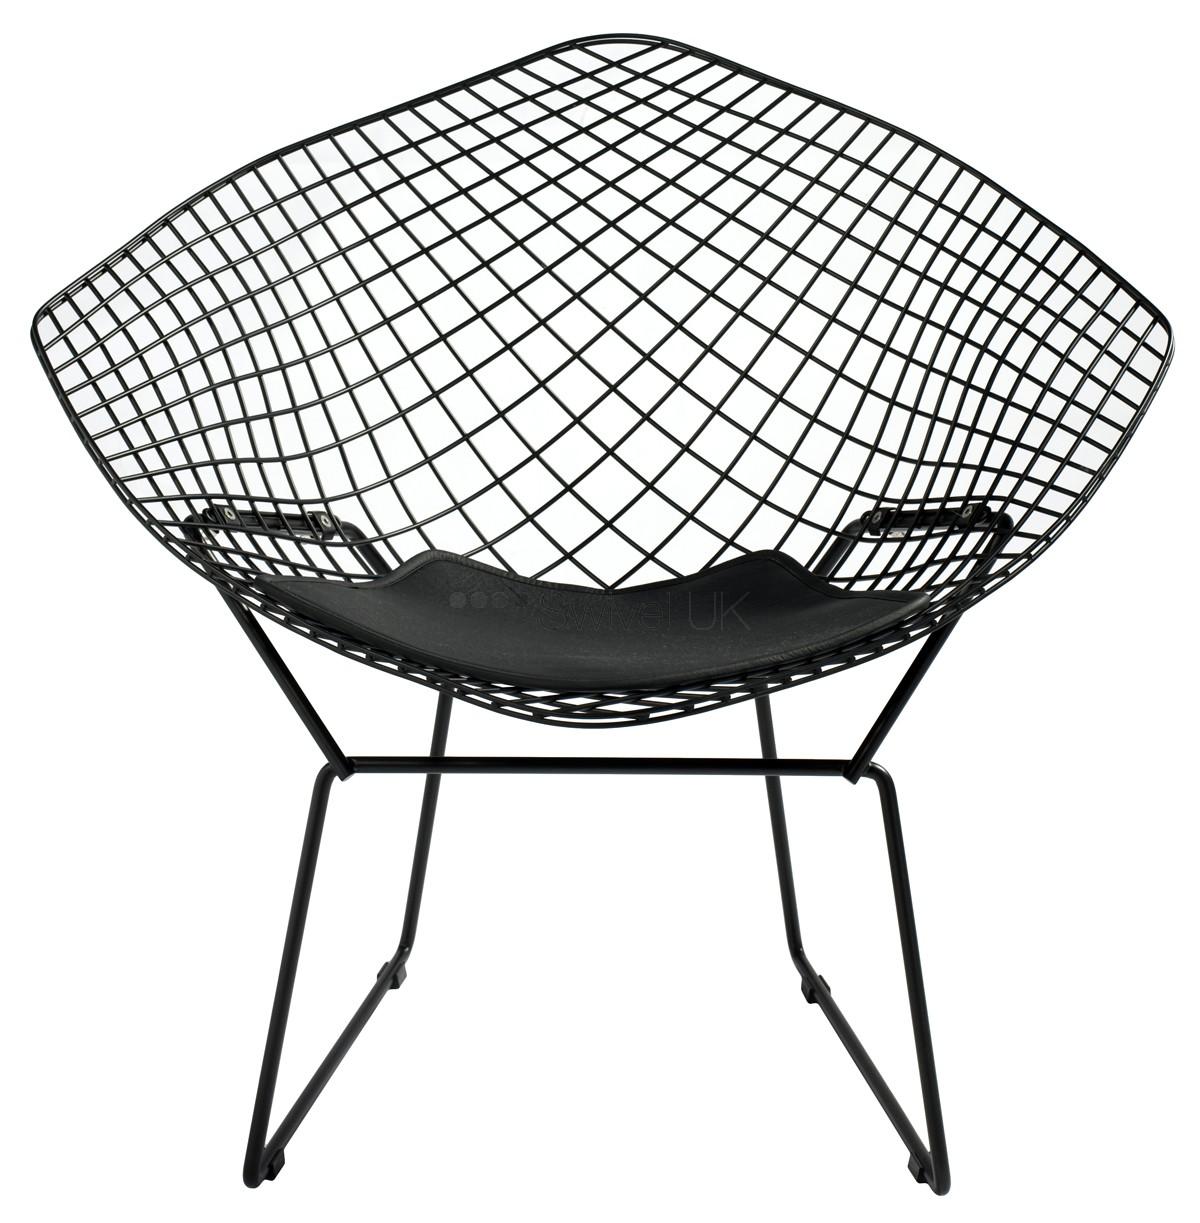 Bertoia Lounge   Harry Bertoia   Metallstomme med stoppad kudde i anilina läder finns i svart. B85, D73, H75.     Lagerstatus: I lager.